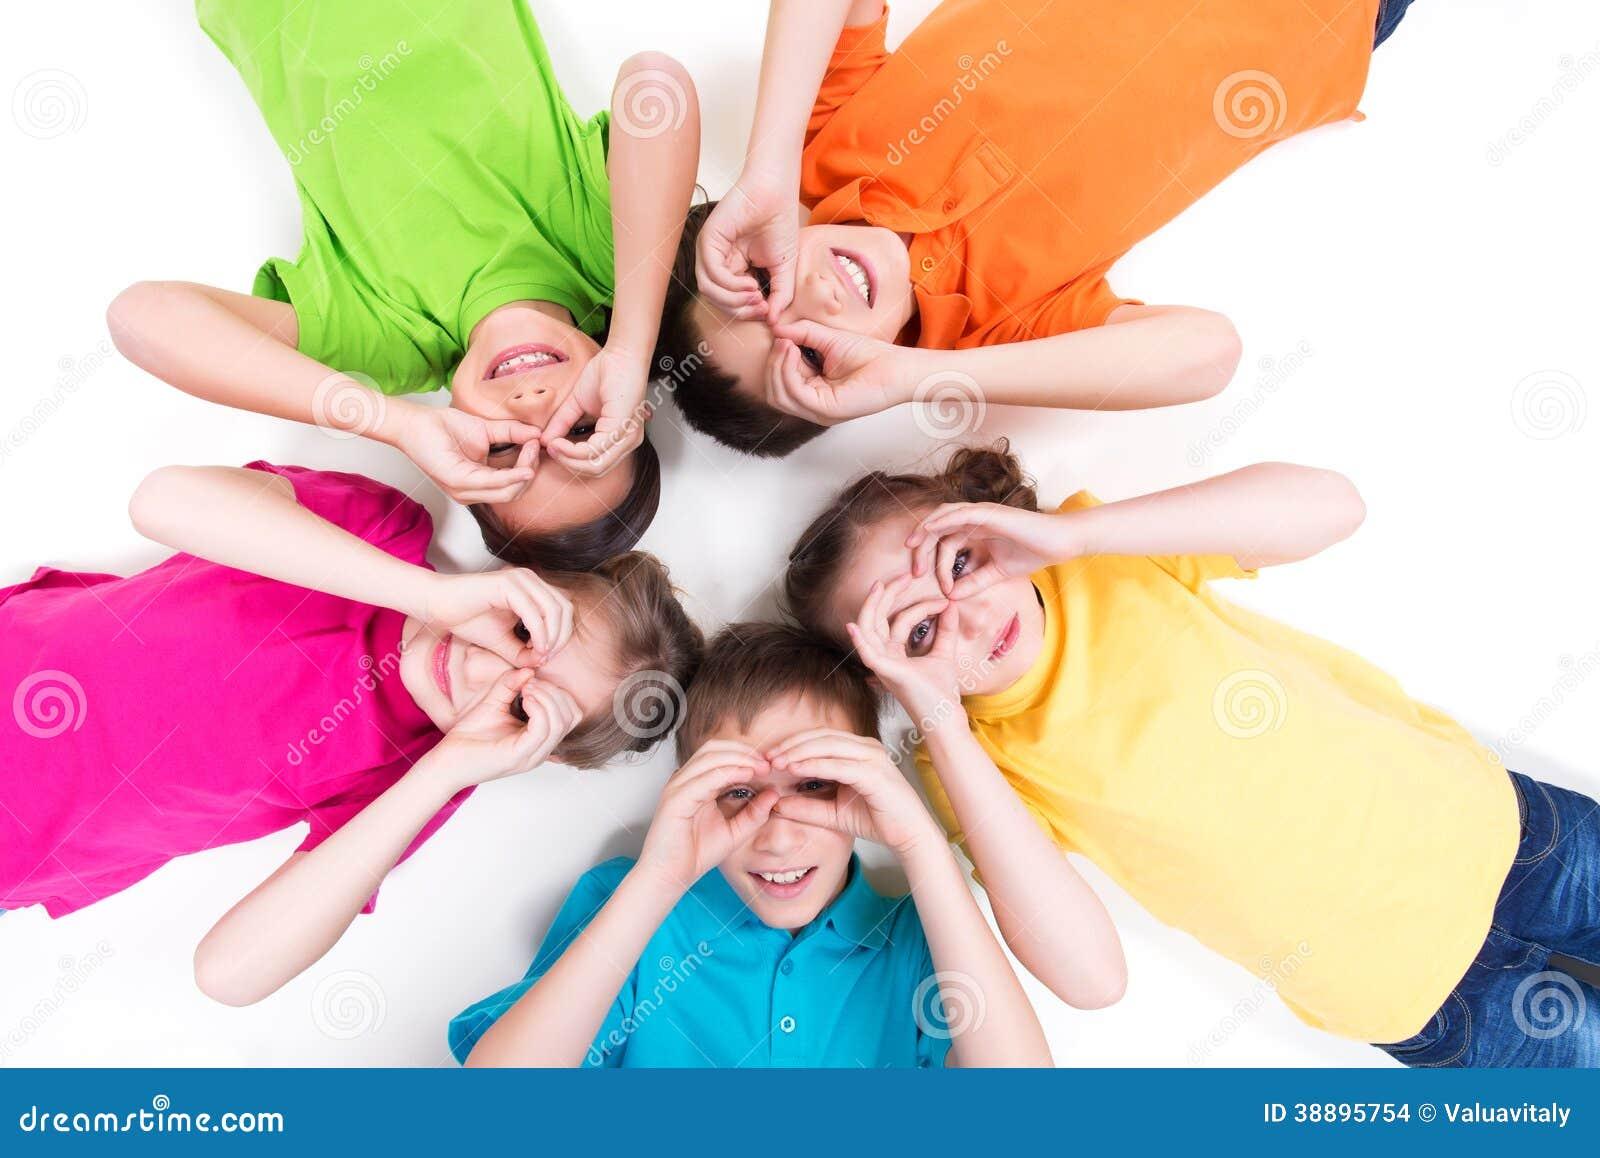 Лежать 5 счастливый детей.